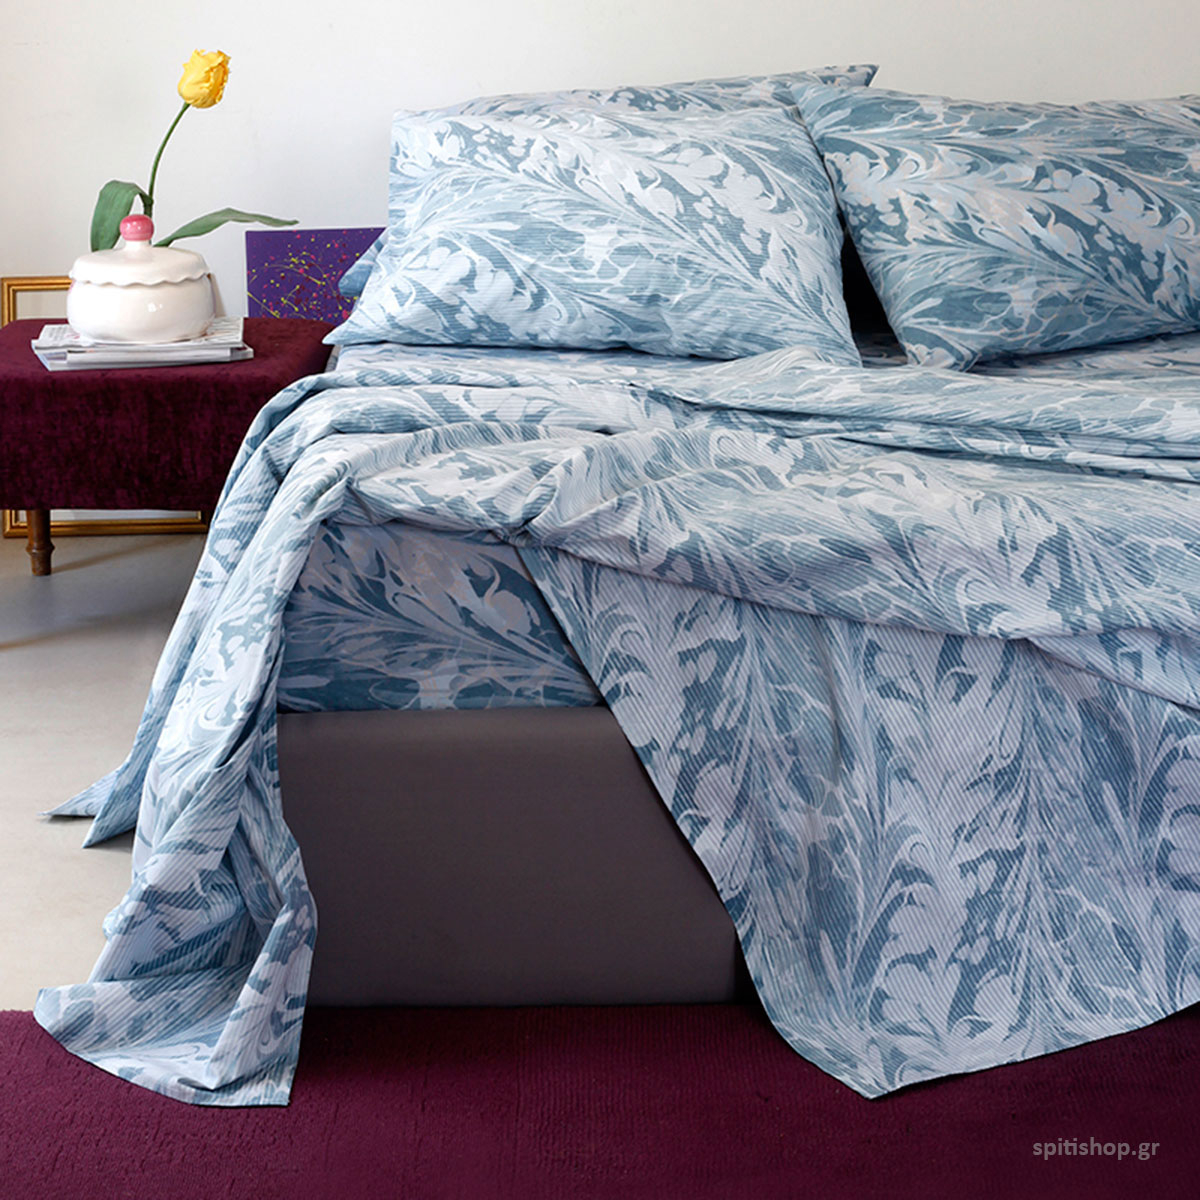 Σεντόνια Υπέρδιπλα (Σετ) Melinen Ultra Brooks Blue ΧΩΡΙΣ ΛΑΣΤΙΧΟ 235×270 ΧΩΡΙΣ ΛΑΣΤΙΧΟ 235×270